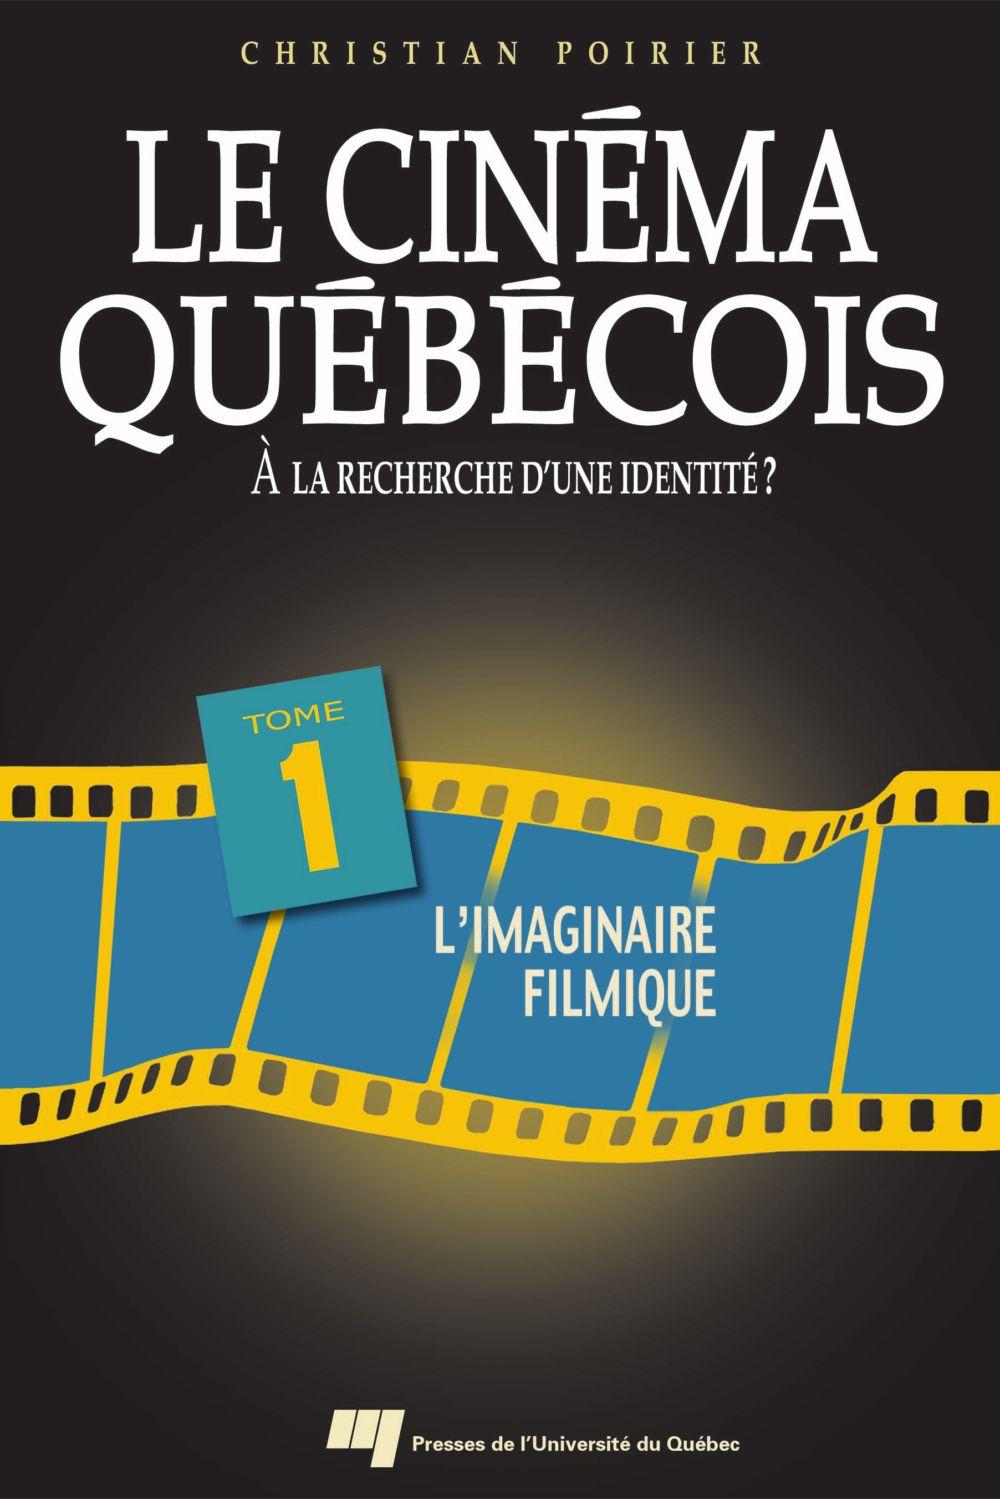 Le cinéma québécois - Tome 1